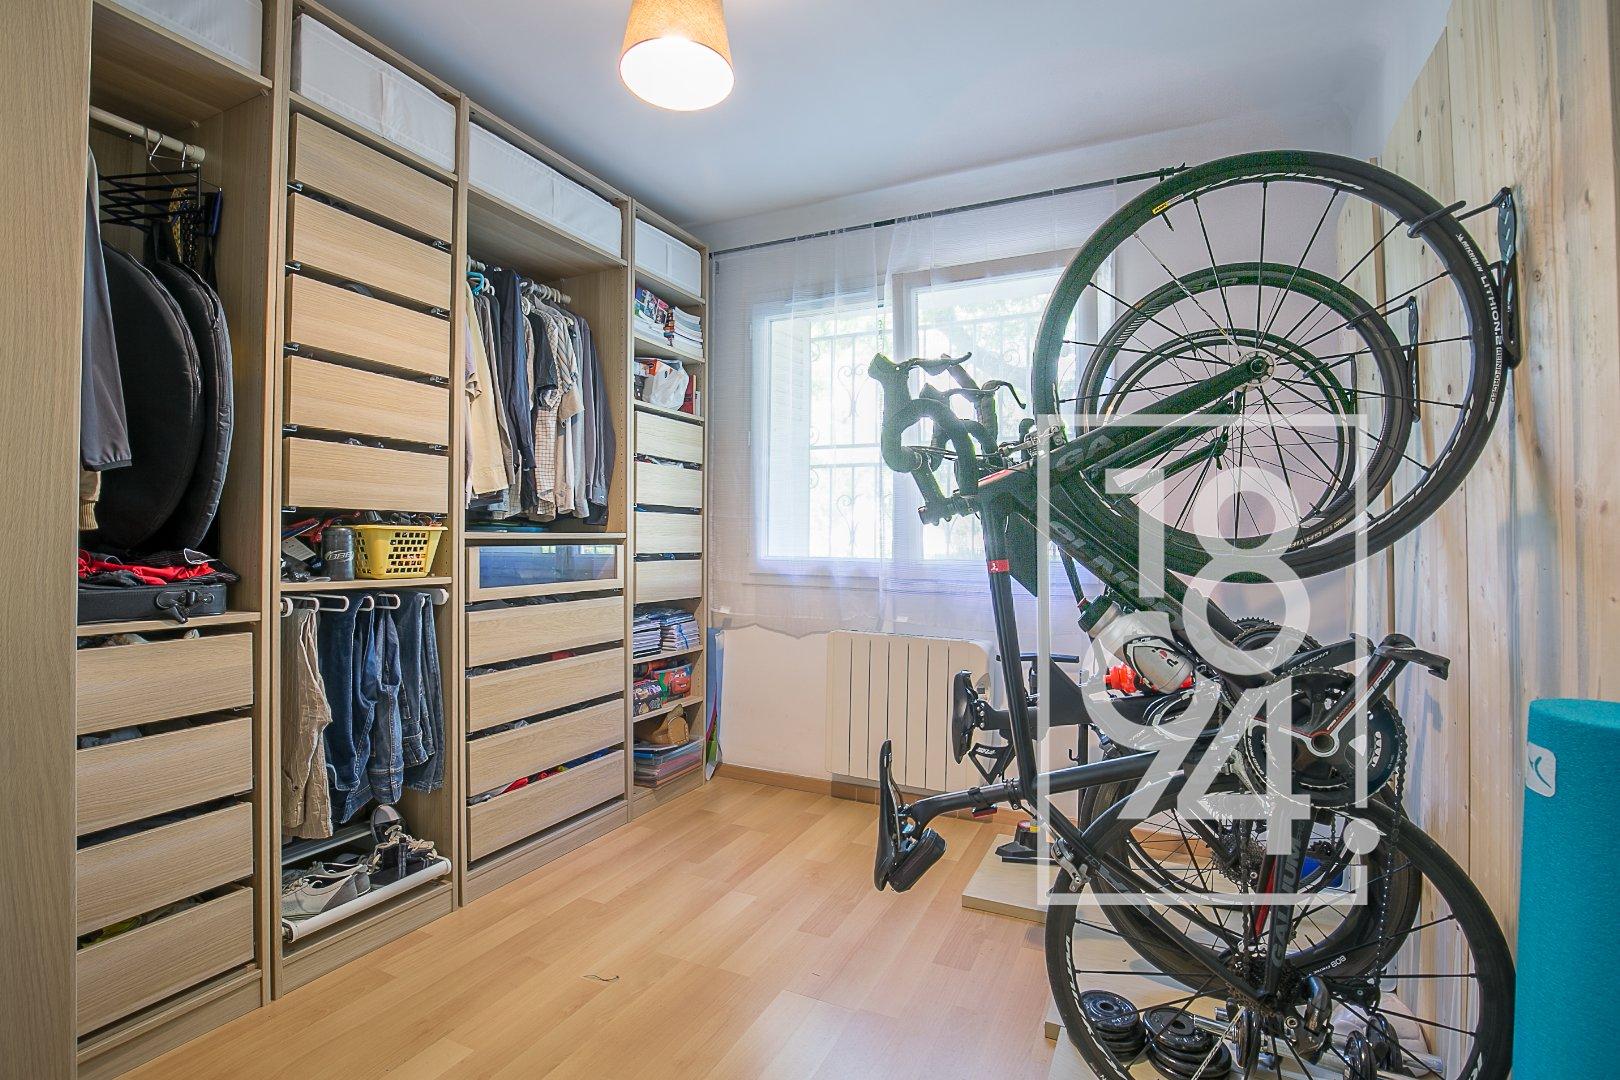 Appartement T4 de 80m2 en RDC surrelevé à Aix-en-provence